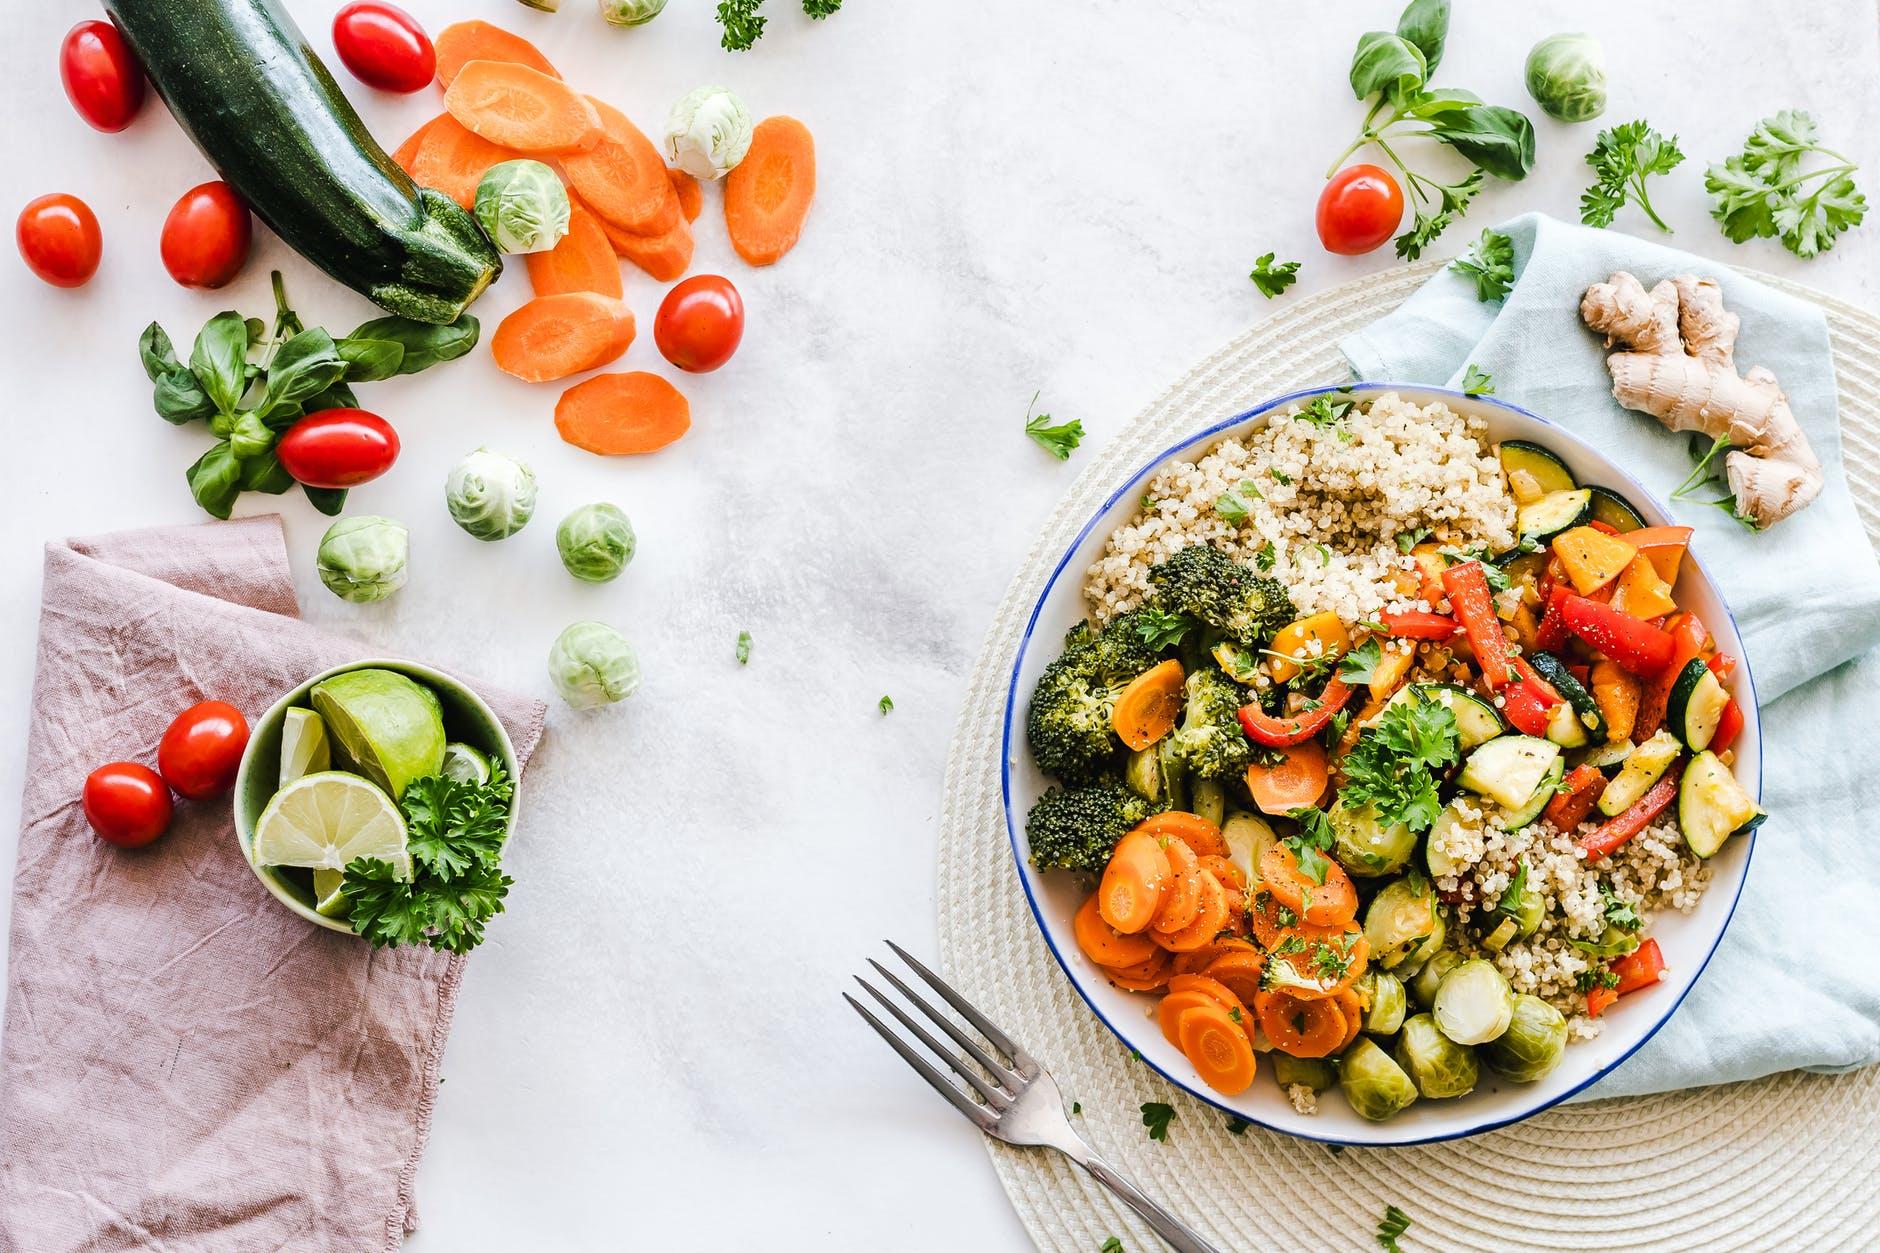 Jak schudnąć w nowym roku? Może catering dietetyczny? - Zdjęcie główne